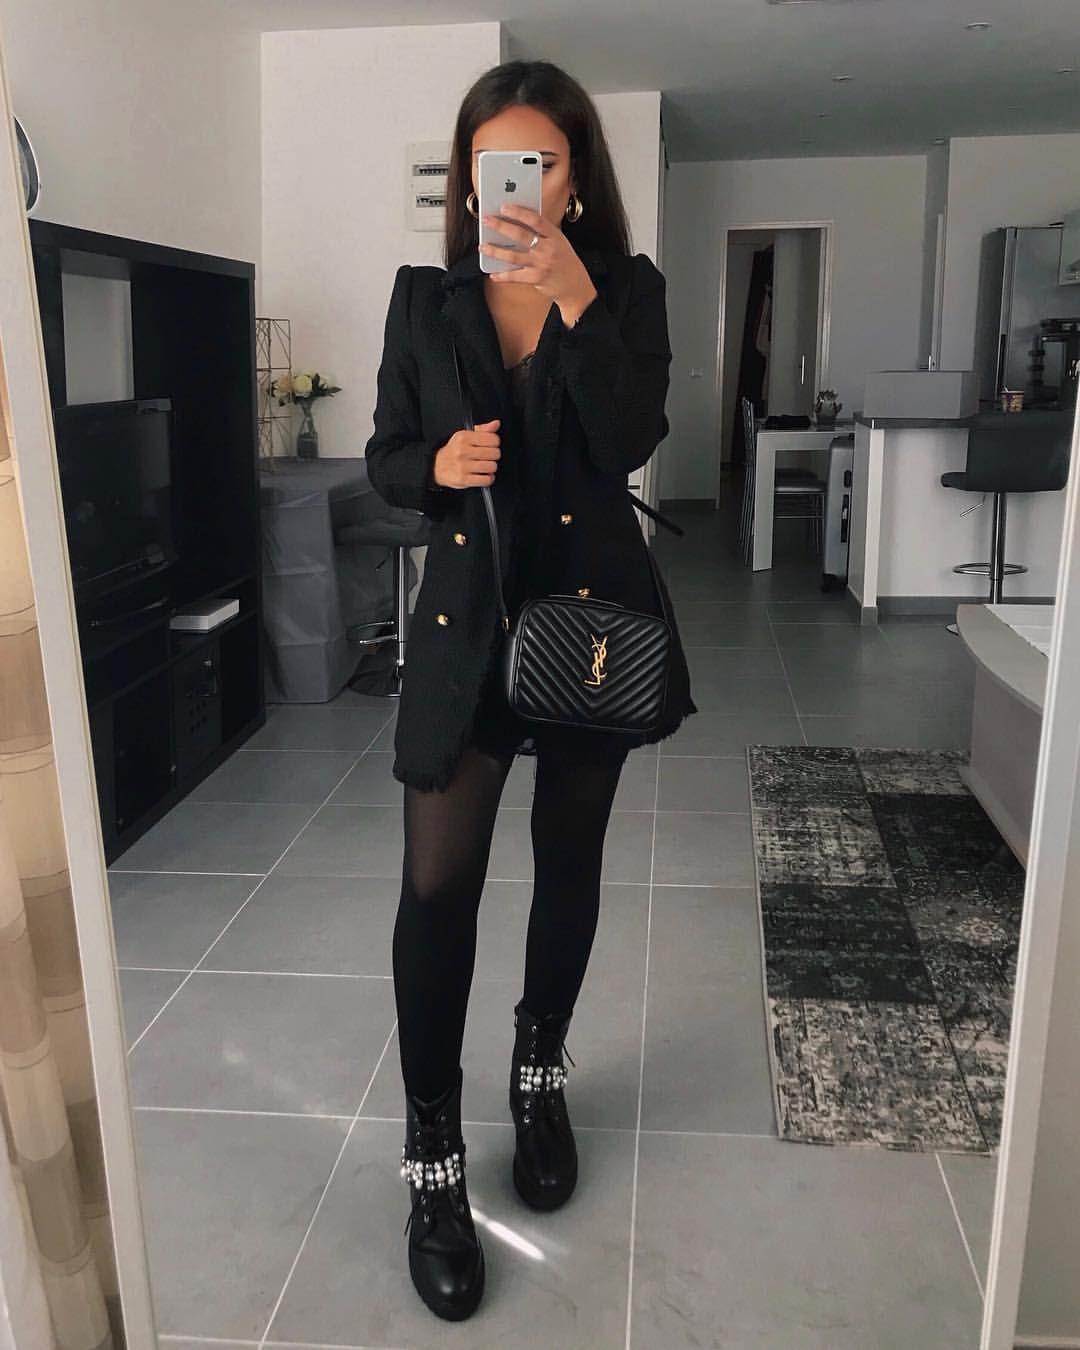 Gefallt 3 312 Mal 31 Kommentare Tissem Rz Tissemrz Auf Instagram Jacket Boots Jeansindustry Modefemm Fashion Work Outfits Women Fashion Outfits